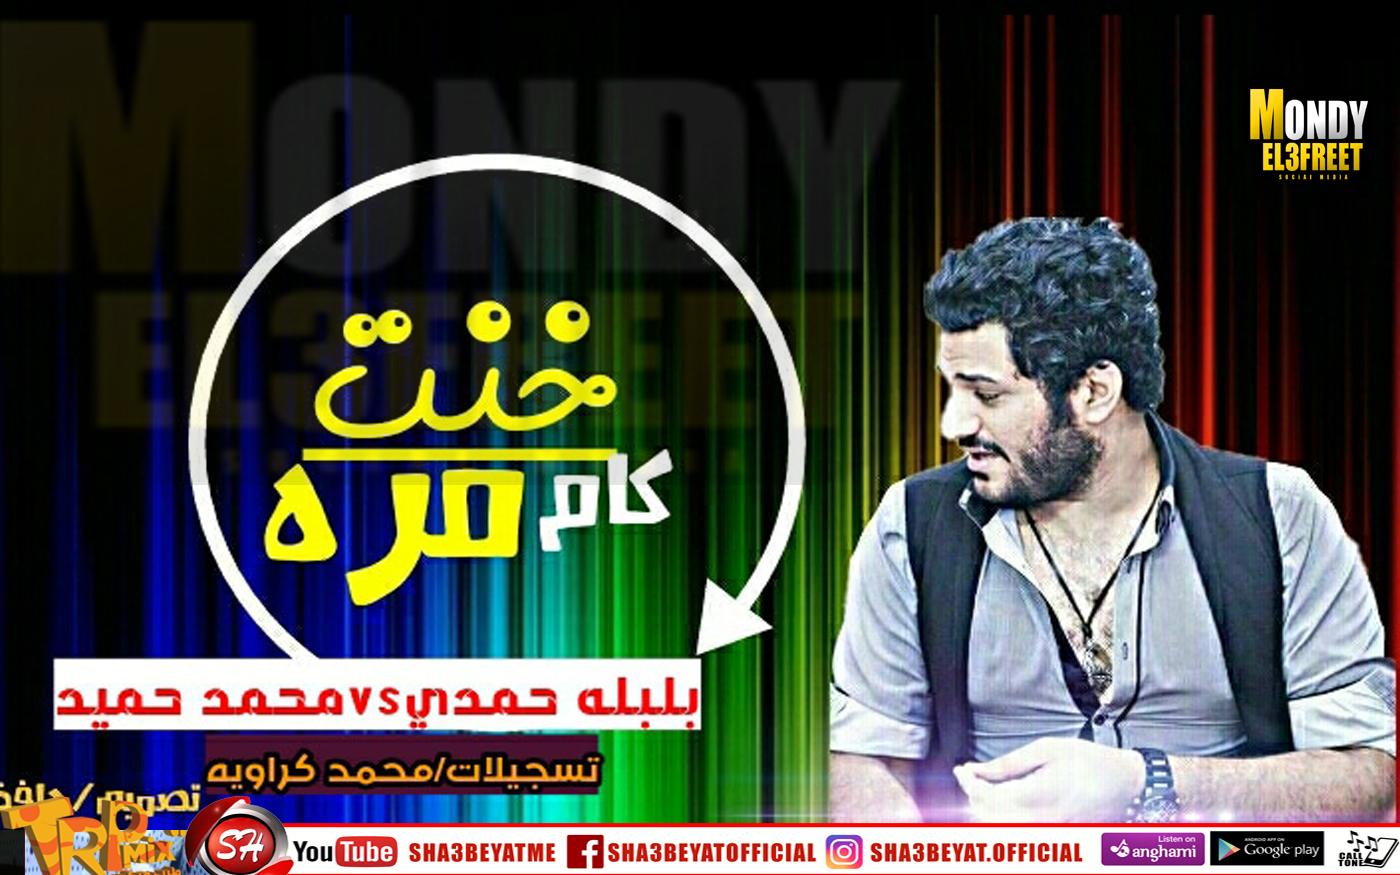 الاغنية اللى هتكسر مصر خونت كام مرة بلبلة حمدى و الموسيقار محمد حميد.mp3